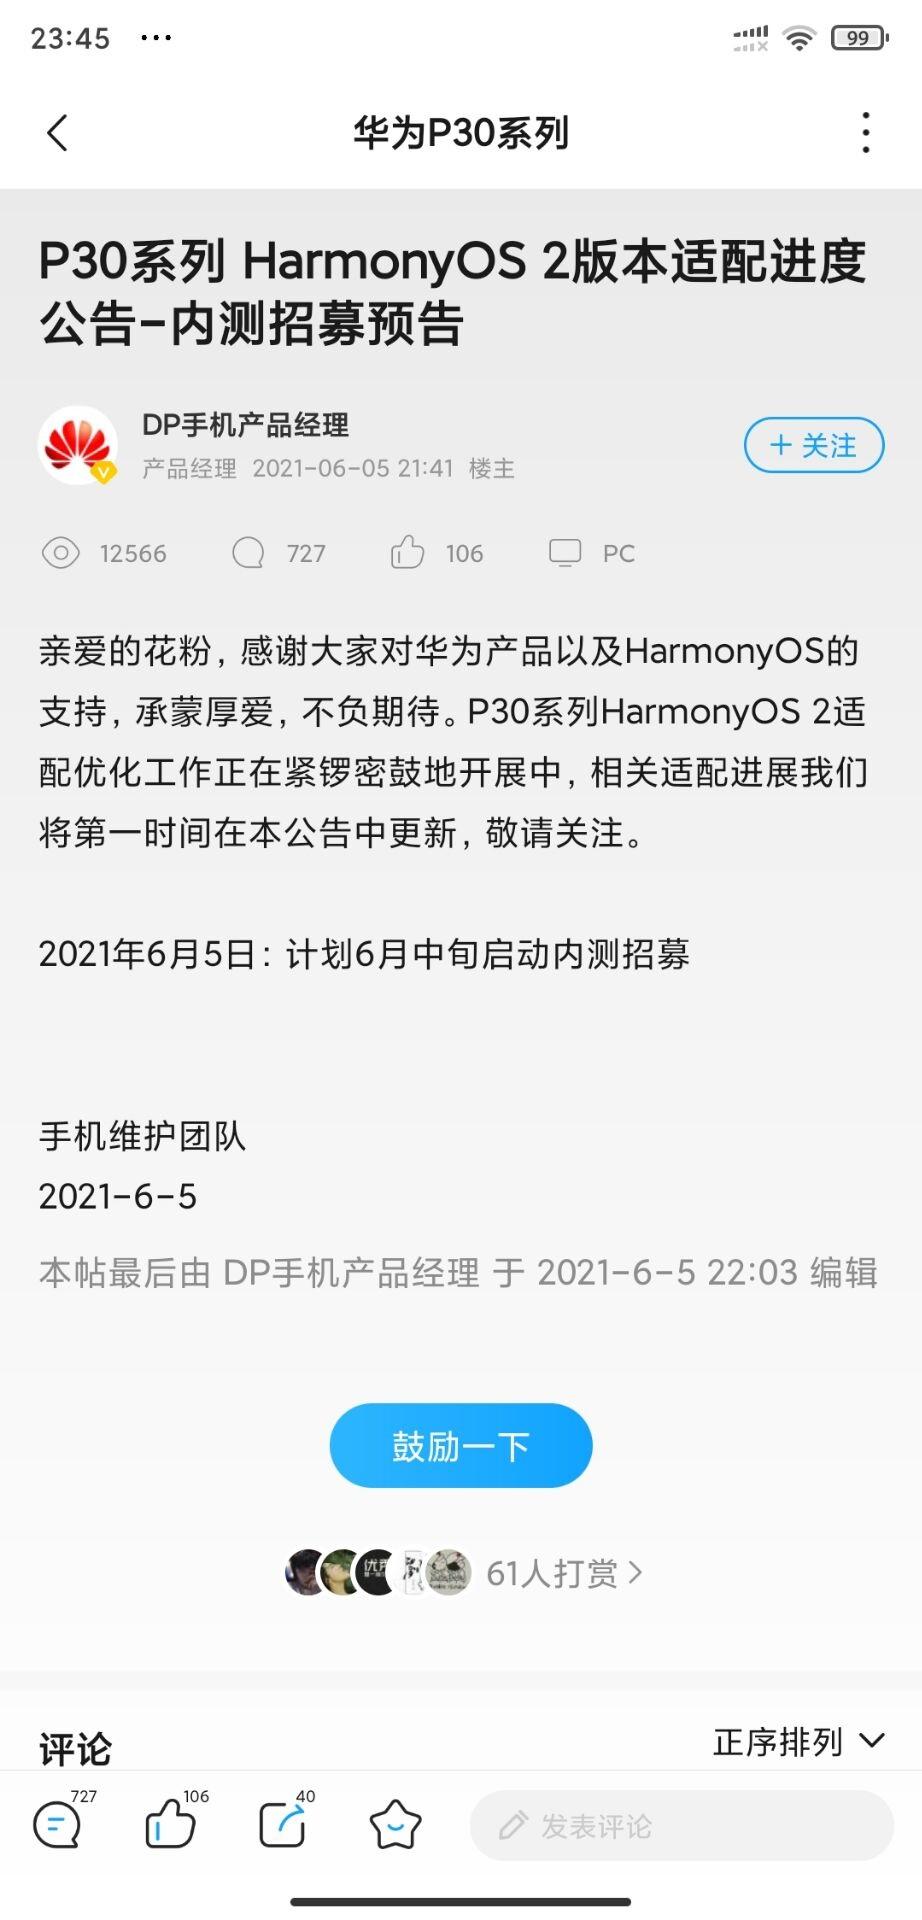 HarmonyOS 2 Beta P30